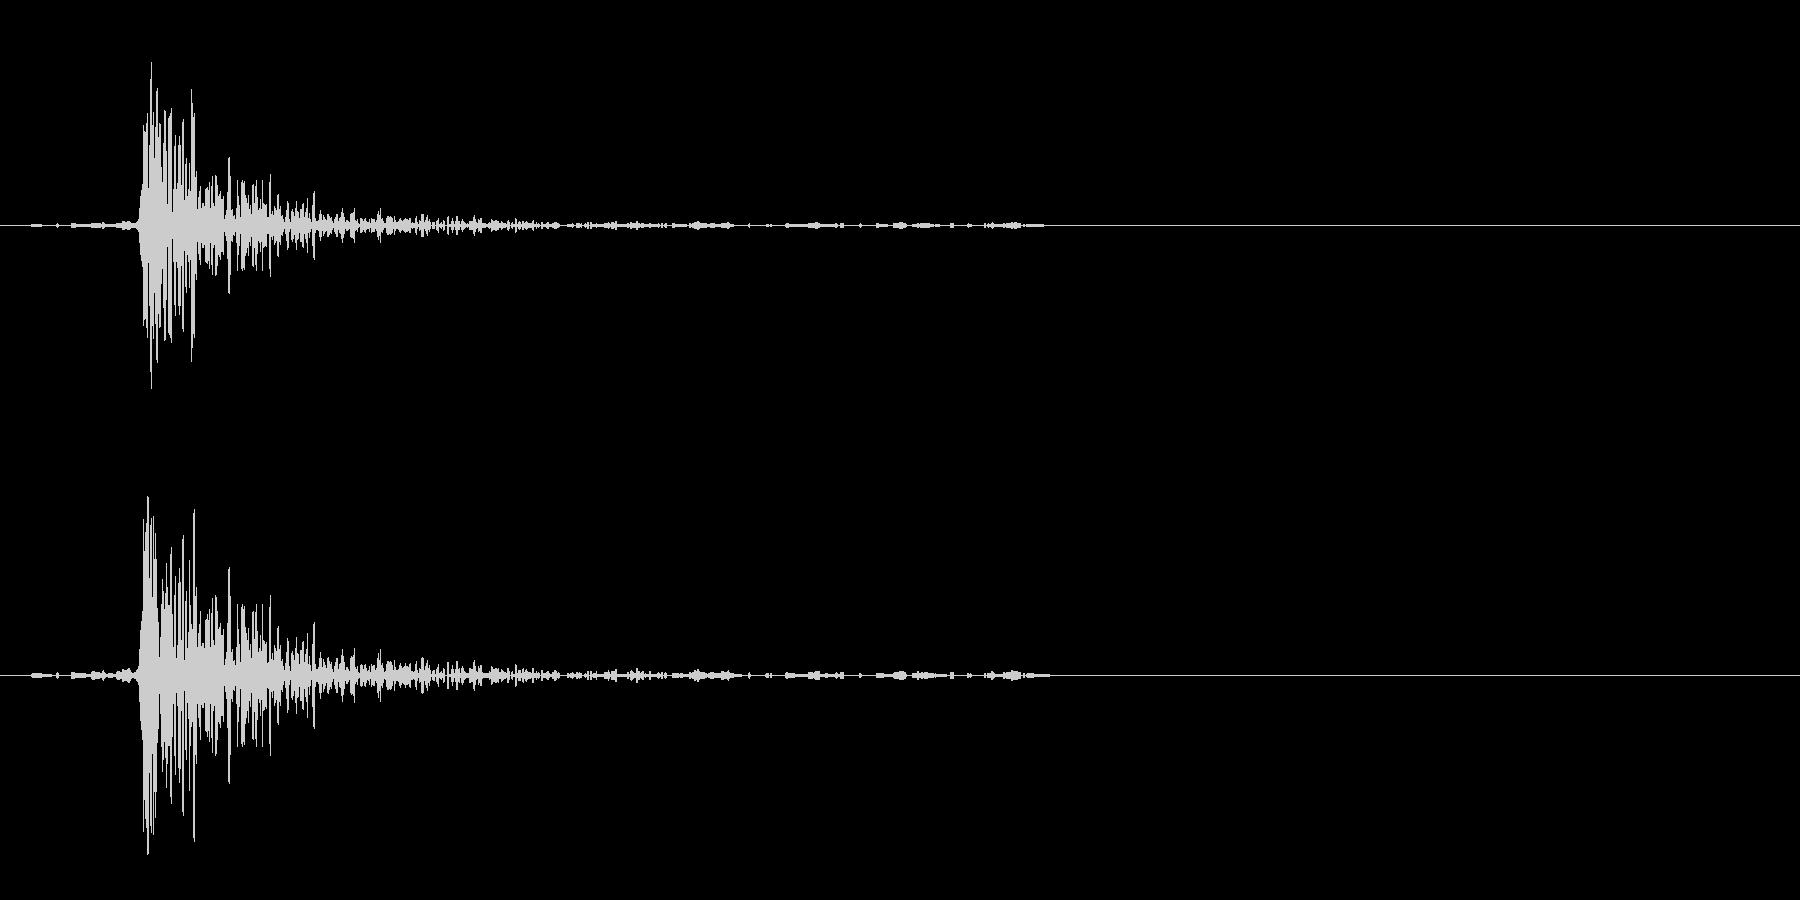 銃声(玩具)の未再生の波形